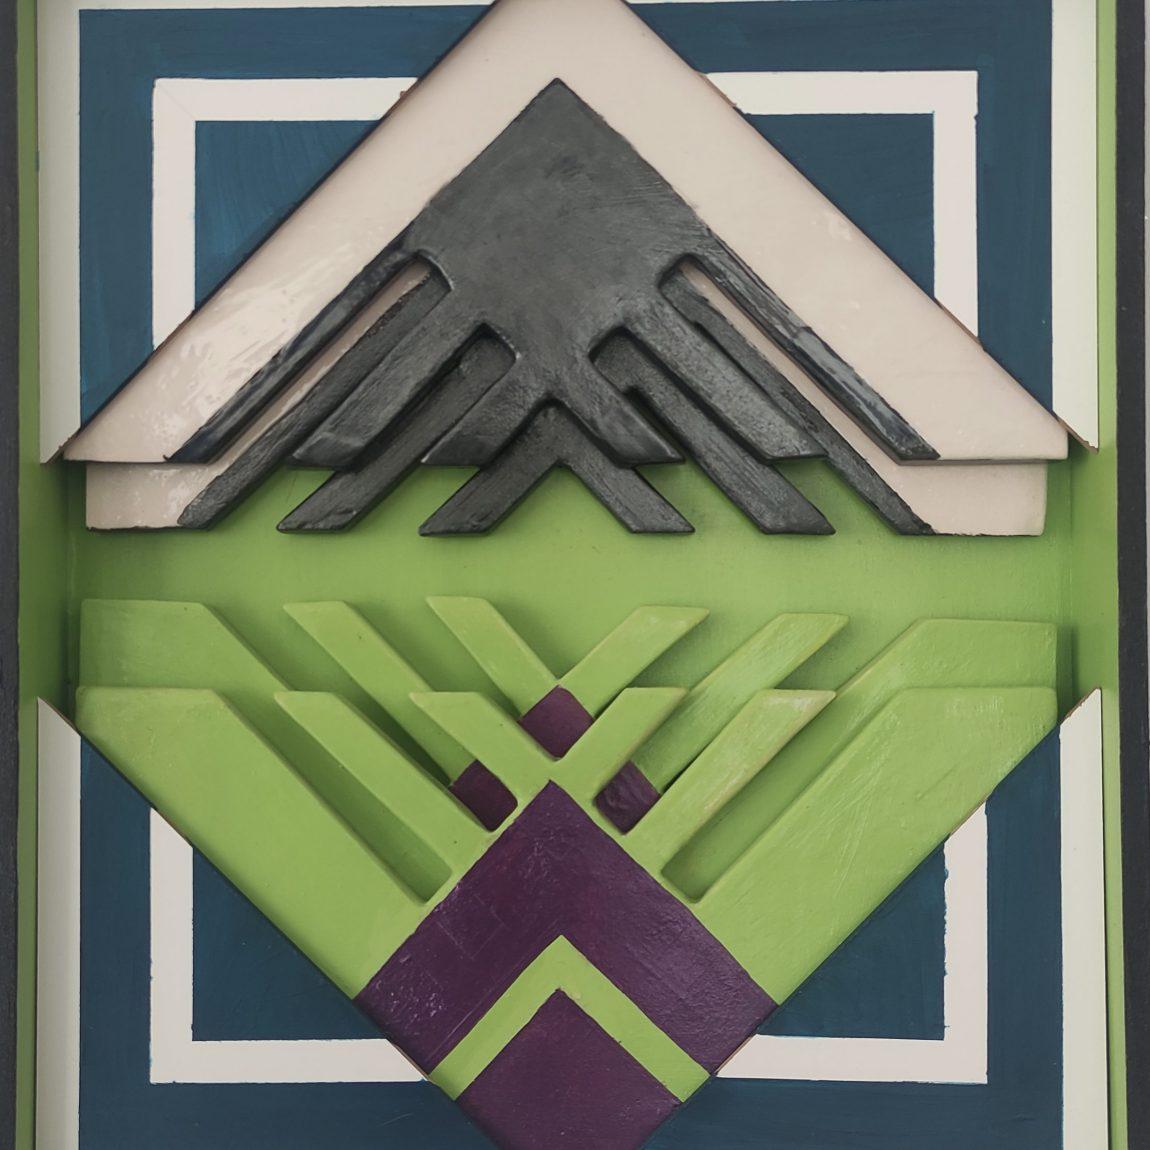 Sanatçı : Ayşen Dinç- - Eser Adı: Ritim -  Teknik: Plaka - Ölçü: 40 x 40 cm  - Fiyat : 590 TL